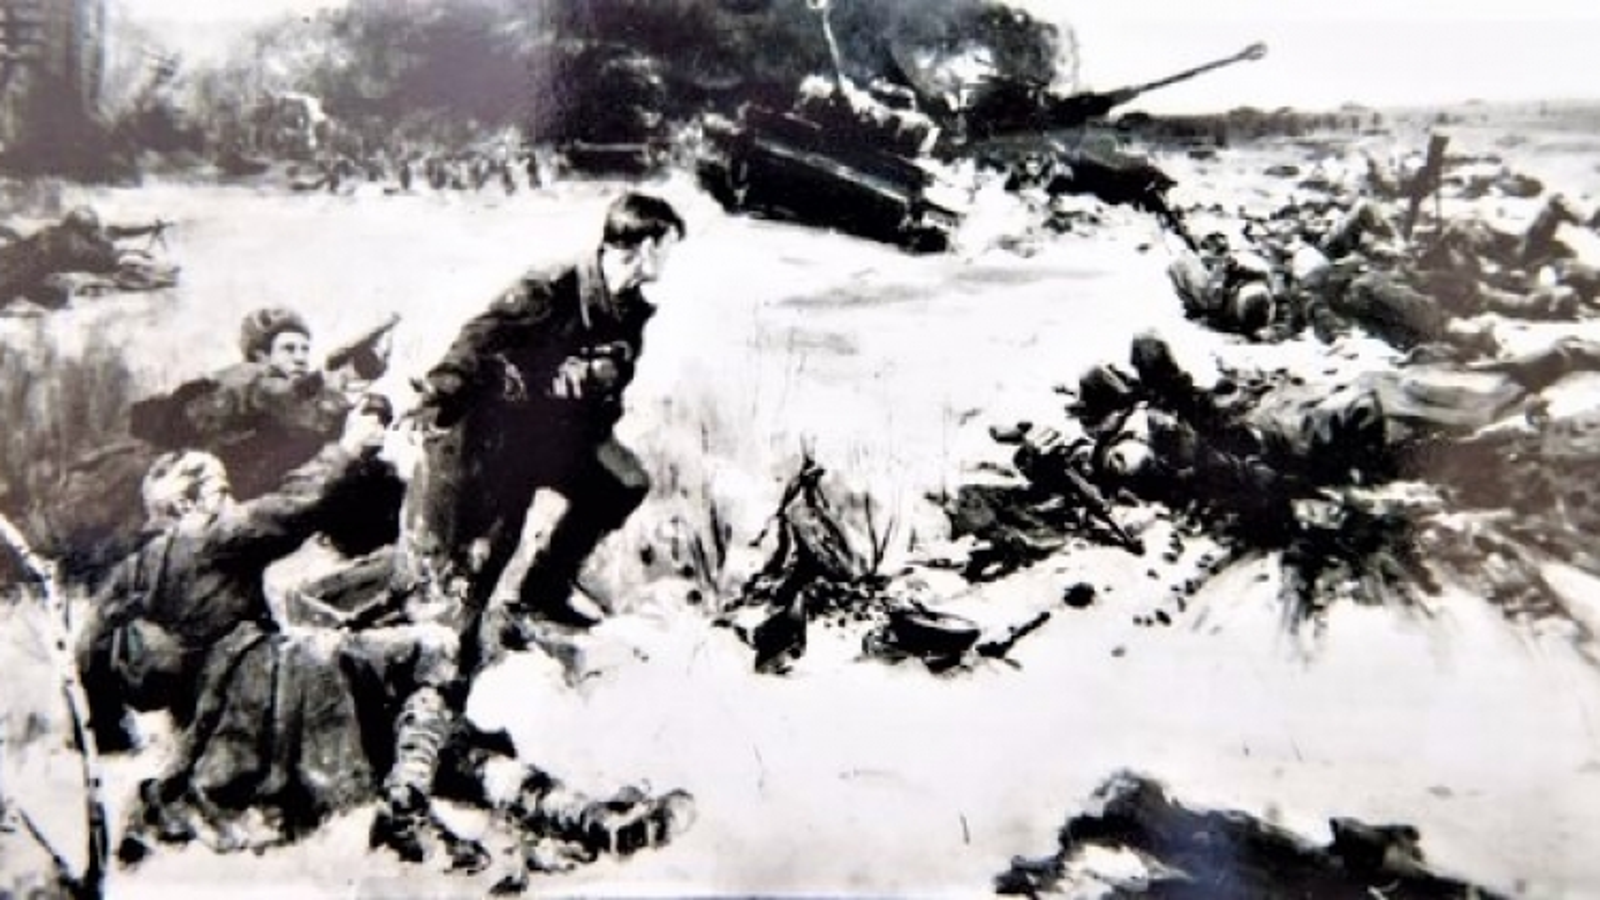 Trận đánh có 25 quân nhân được phong tặng danh hiệu Anh hùng Liên Xô